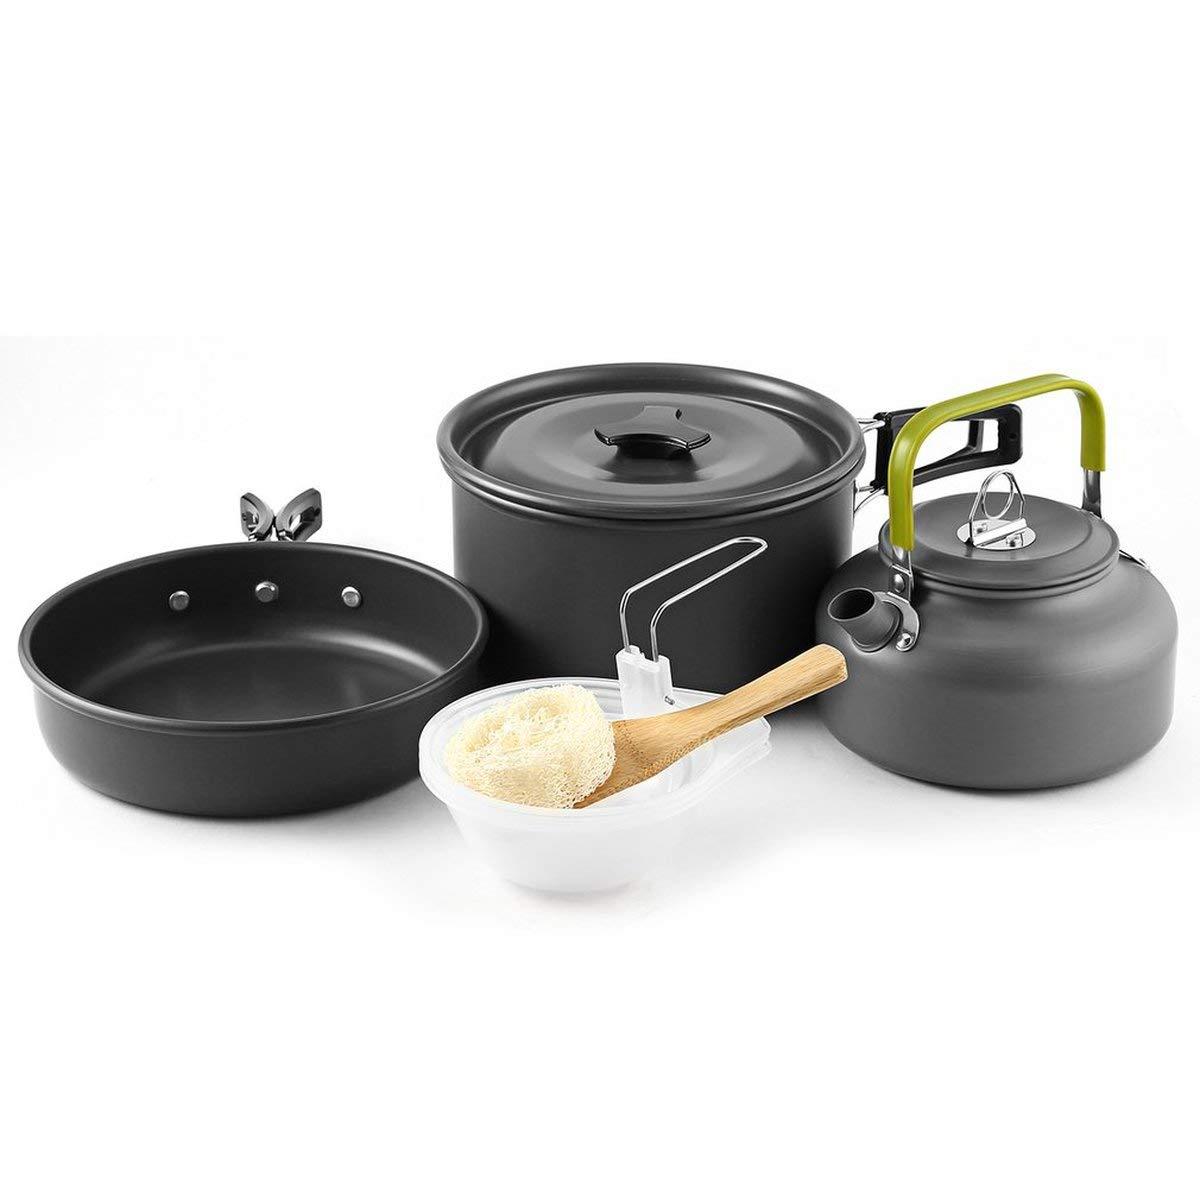 Juego de Utensilios de Cocina Juego para Camping Mini Juego Cocina de ollas y sartenes para OUTAD para 2-3 Personas 43caad